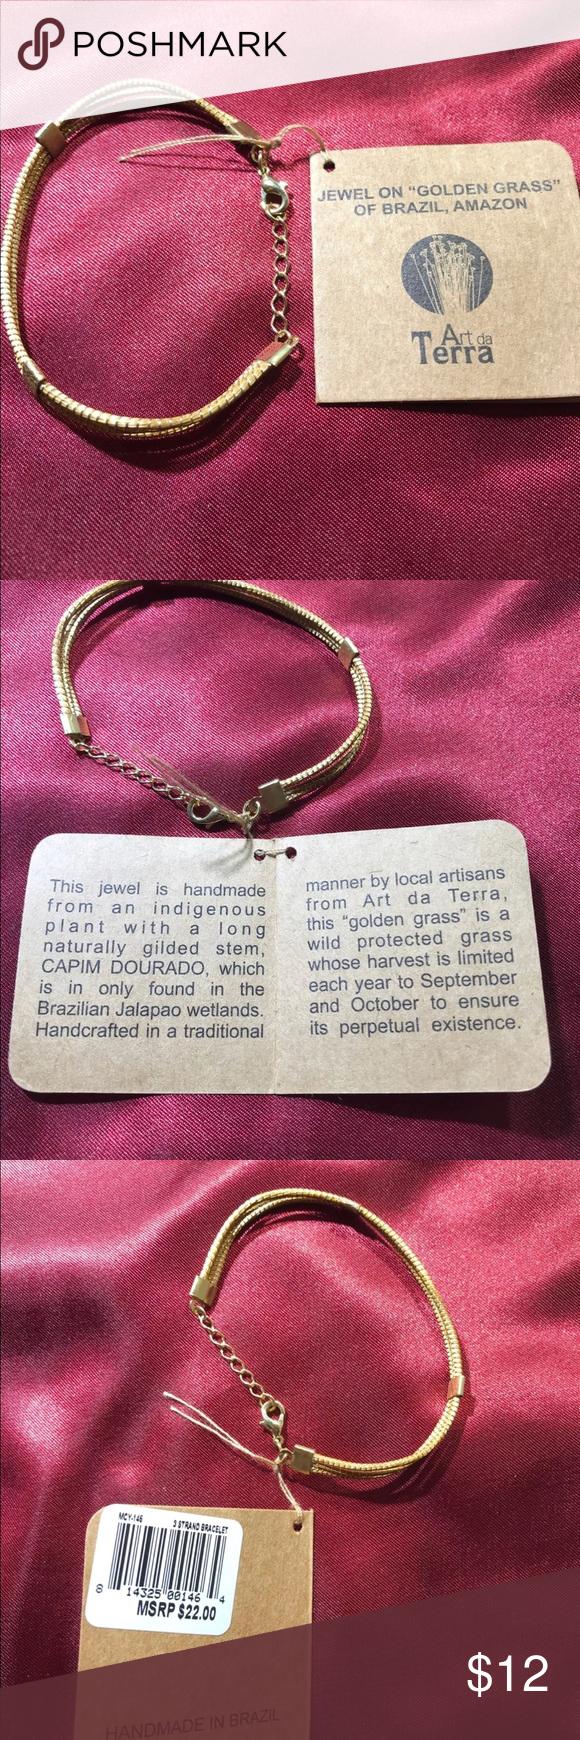 Golden grassud bracelet handmade in brazil brazil grasses and